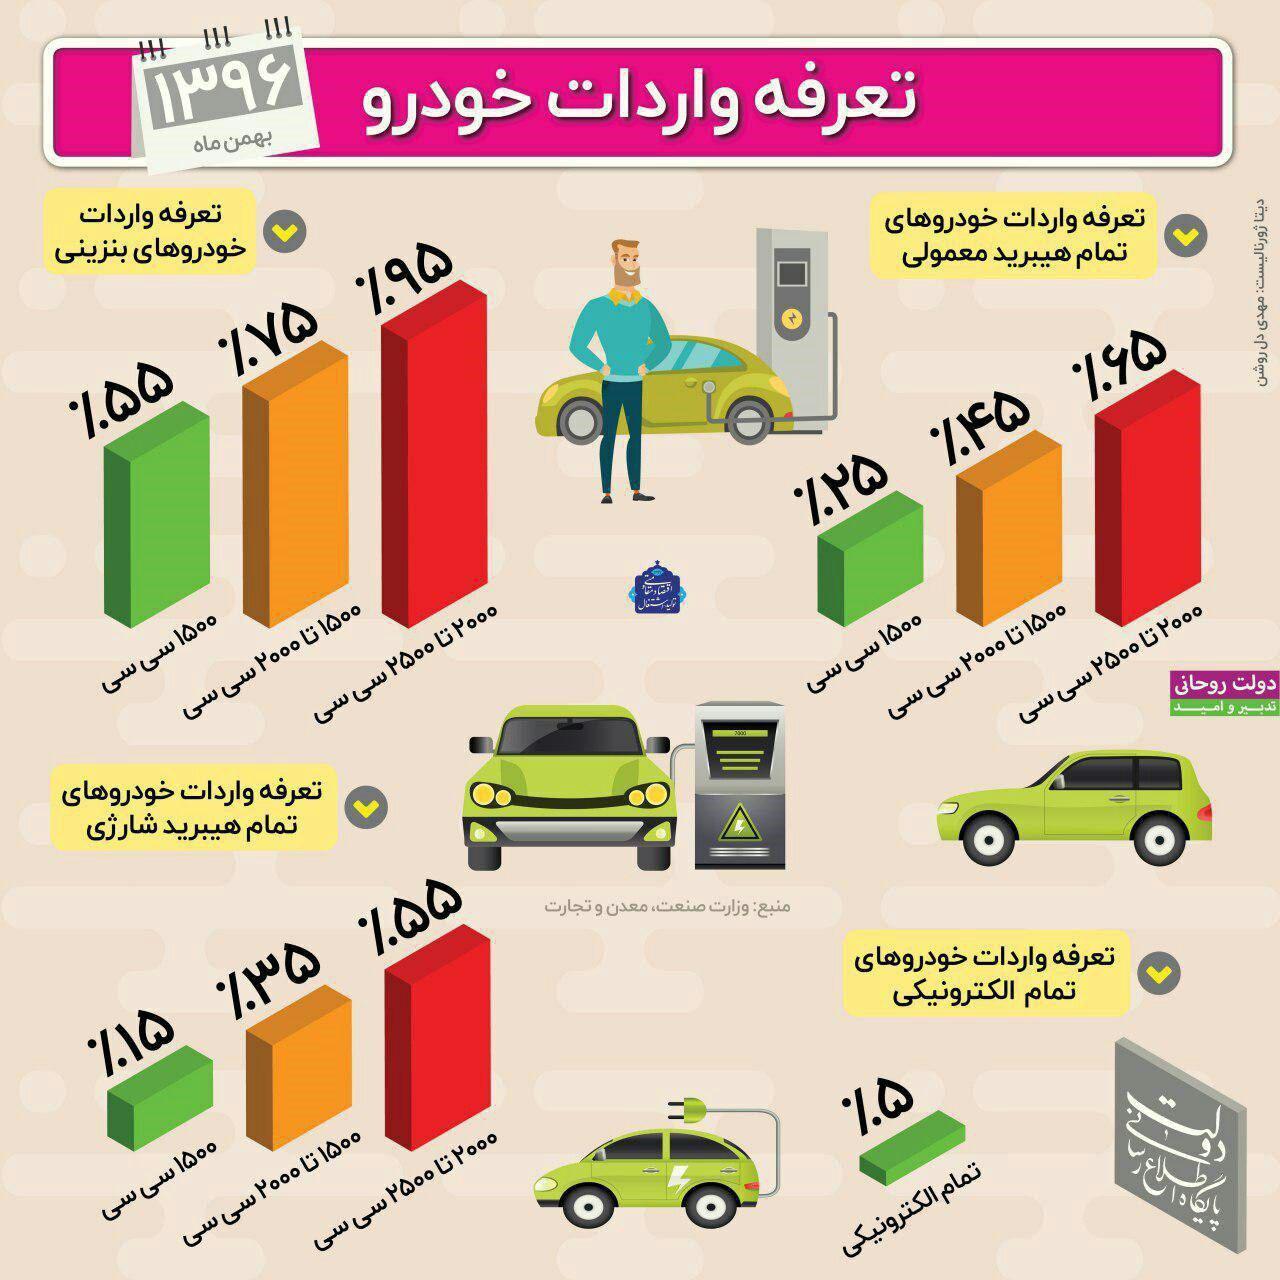 تعرفه واردات انواع خودروی خارجی چقدر است؟ (اینفوگرافیک)